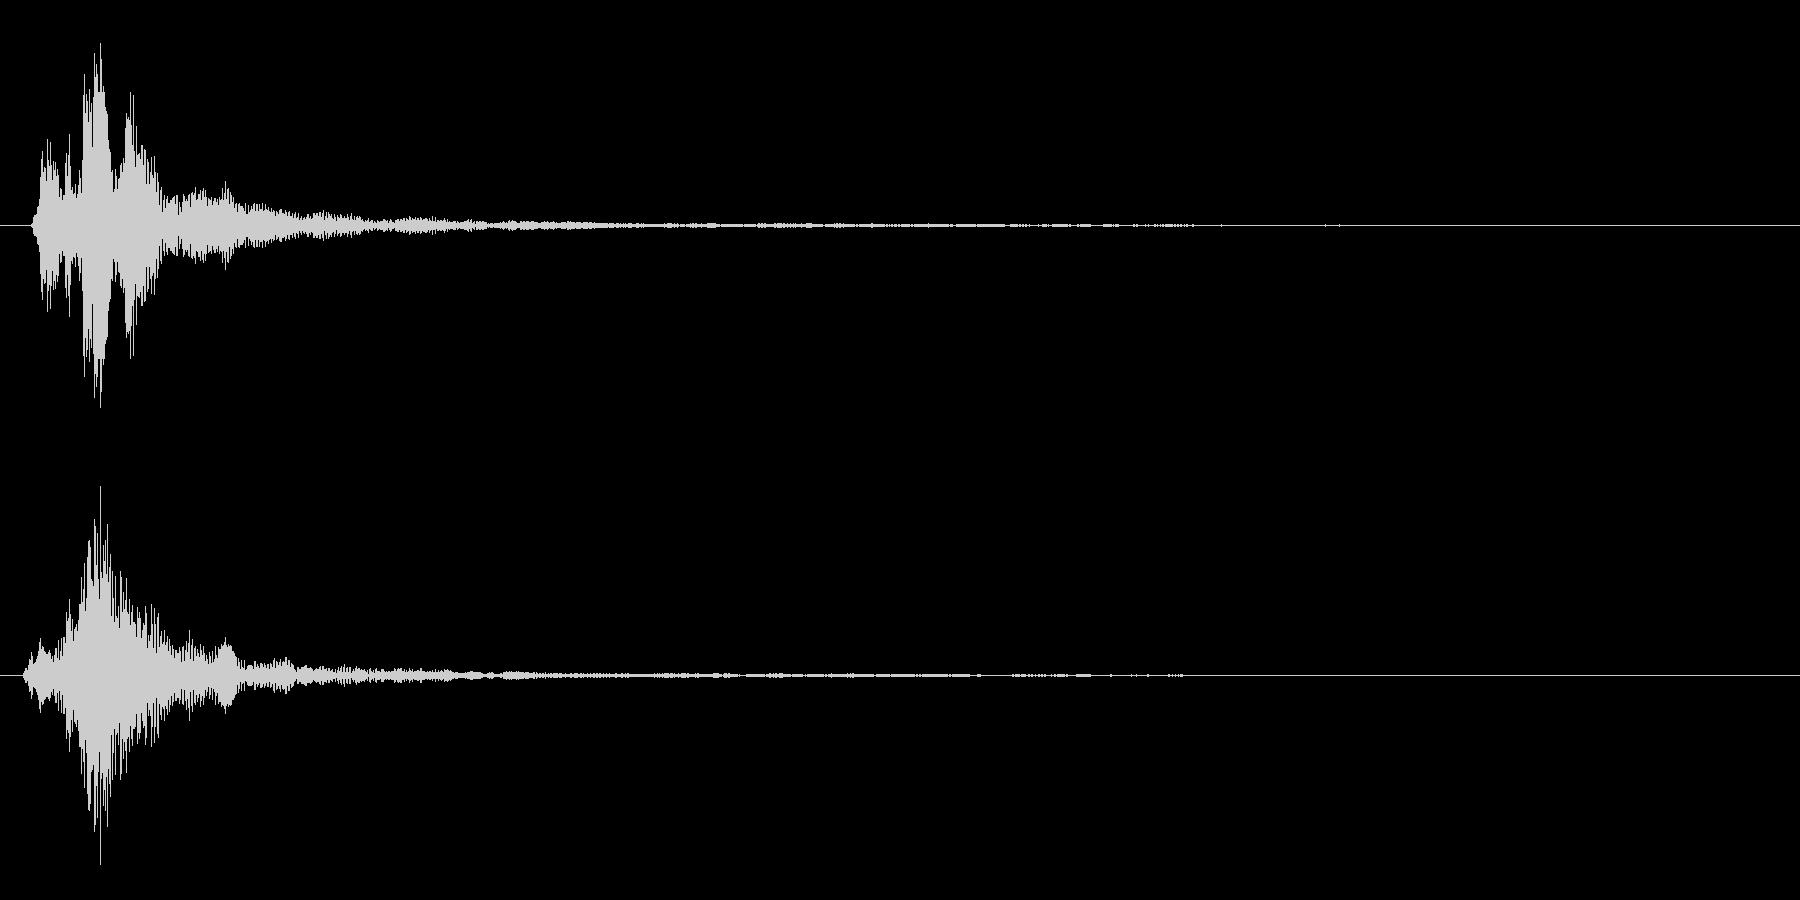 ちゃん(低)の未再生の波形